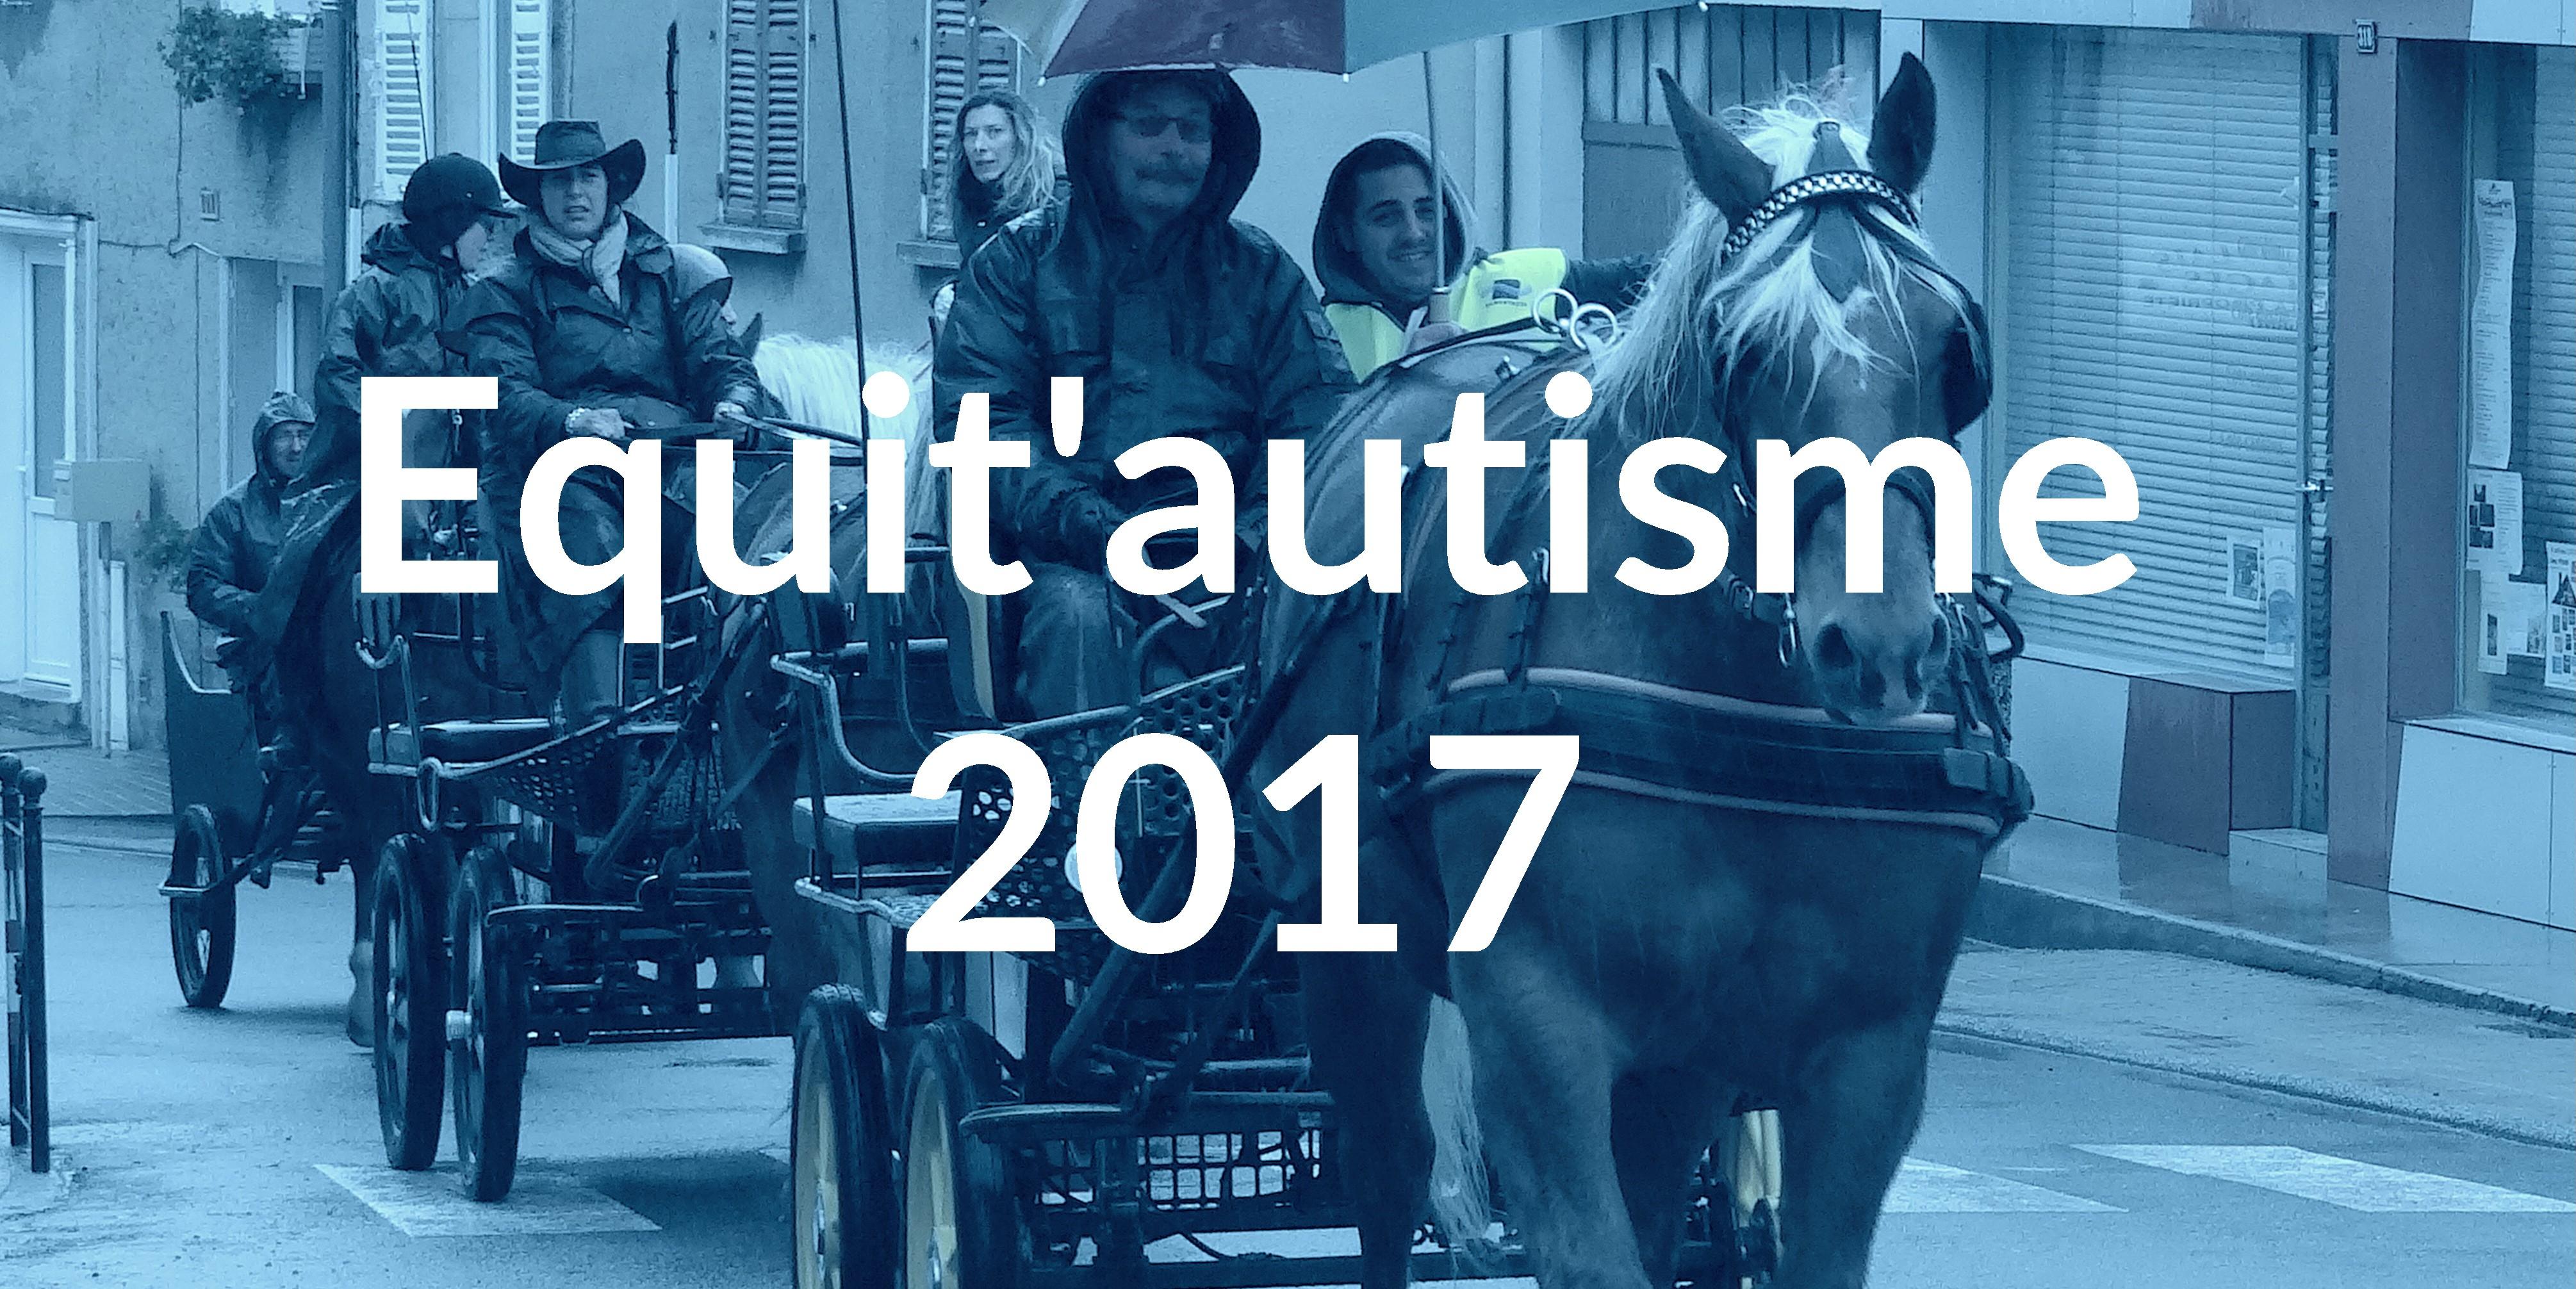 vignette equitautisme 2017